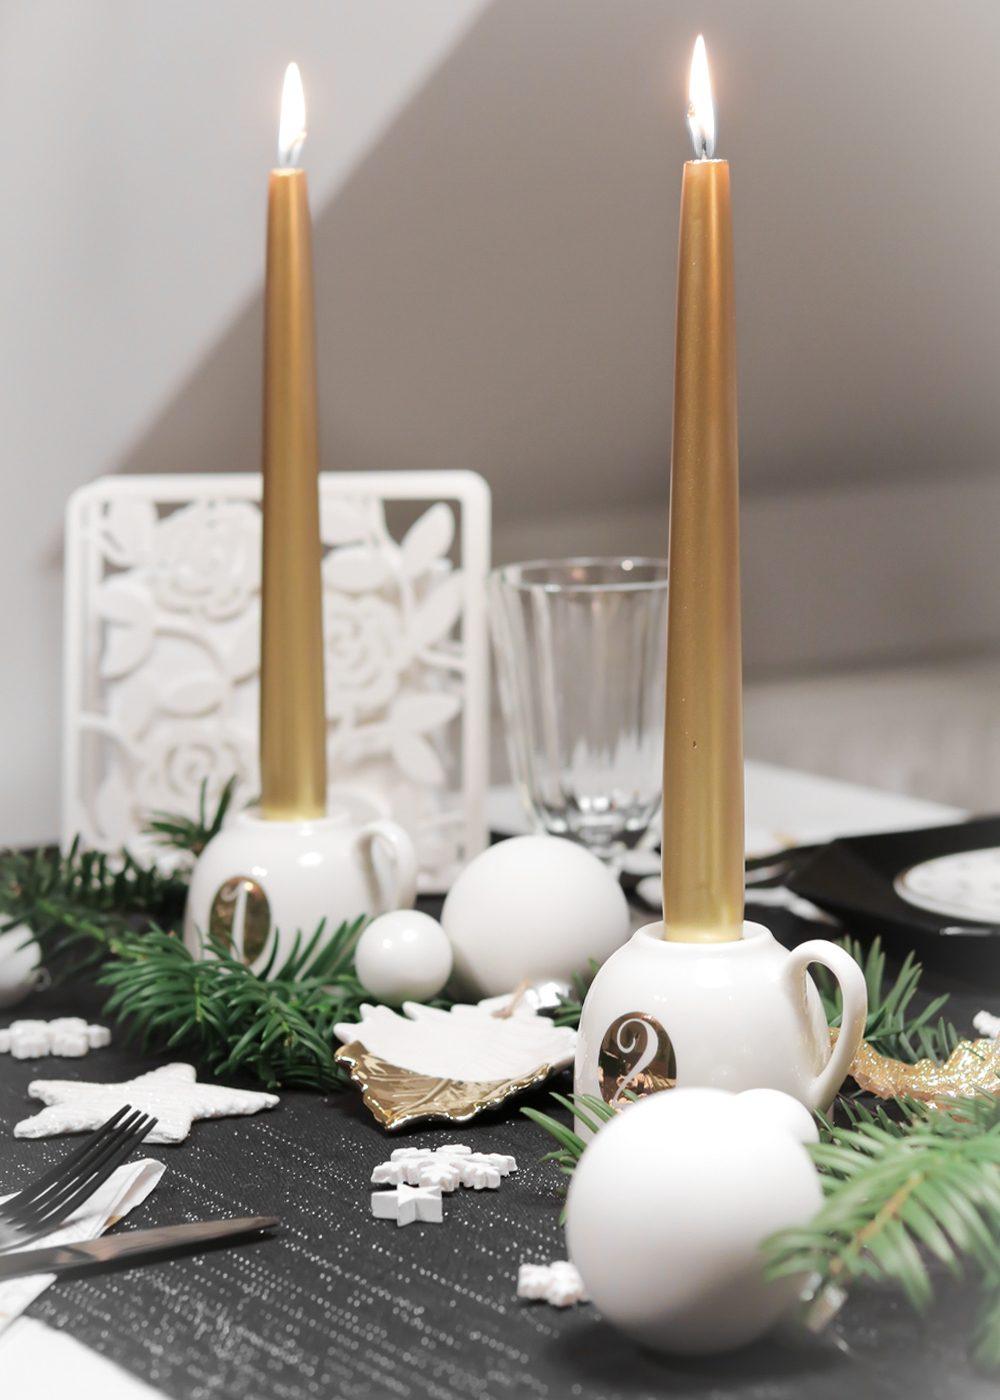 ediths-weihnachten-tischdekoration-advent-schwarzes-besteck-teller-gold-sterne-6